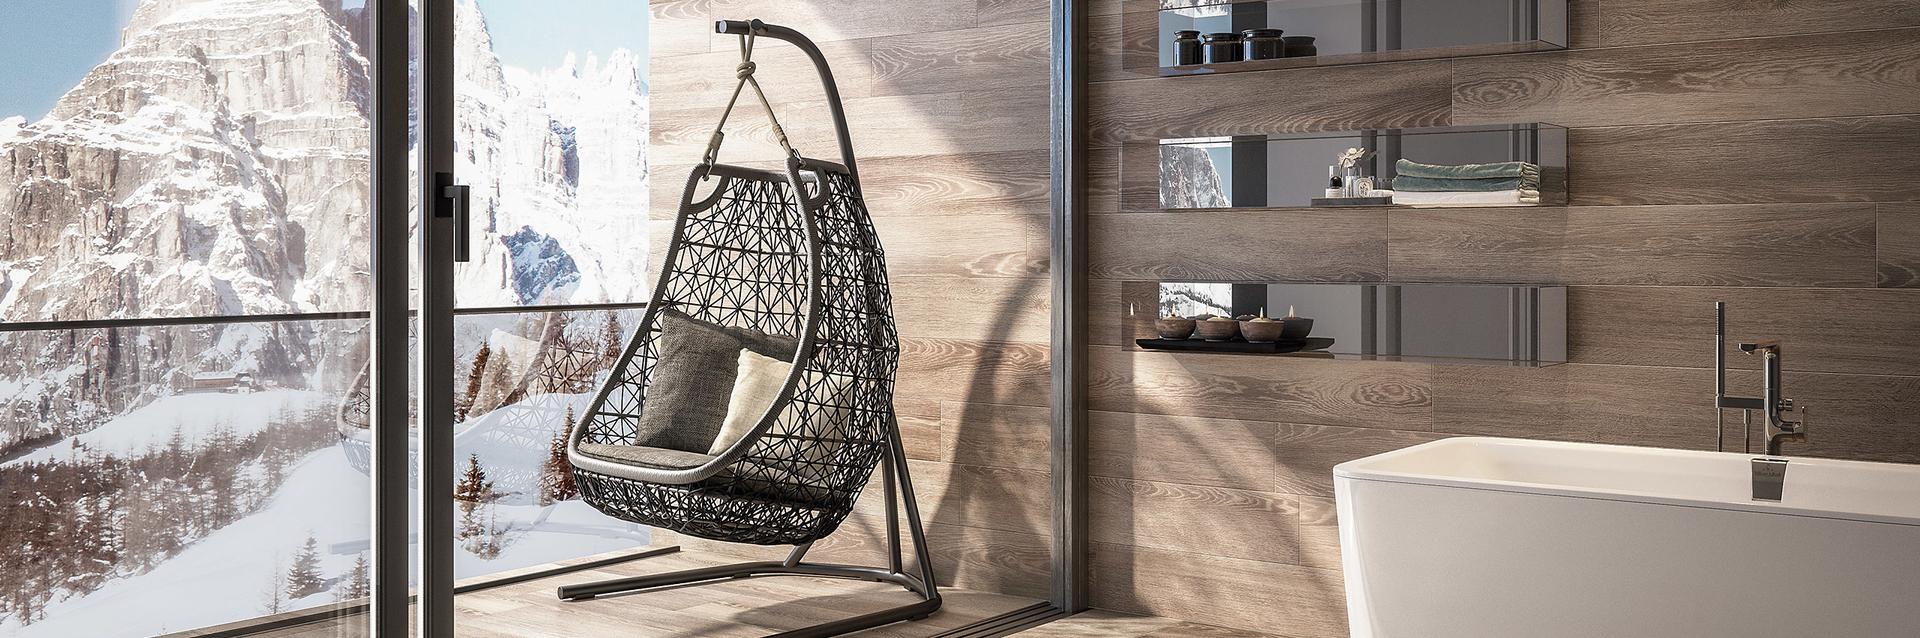 Tegels in houtlook geven een weelderig gevoel van luxe en rust